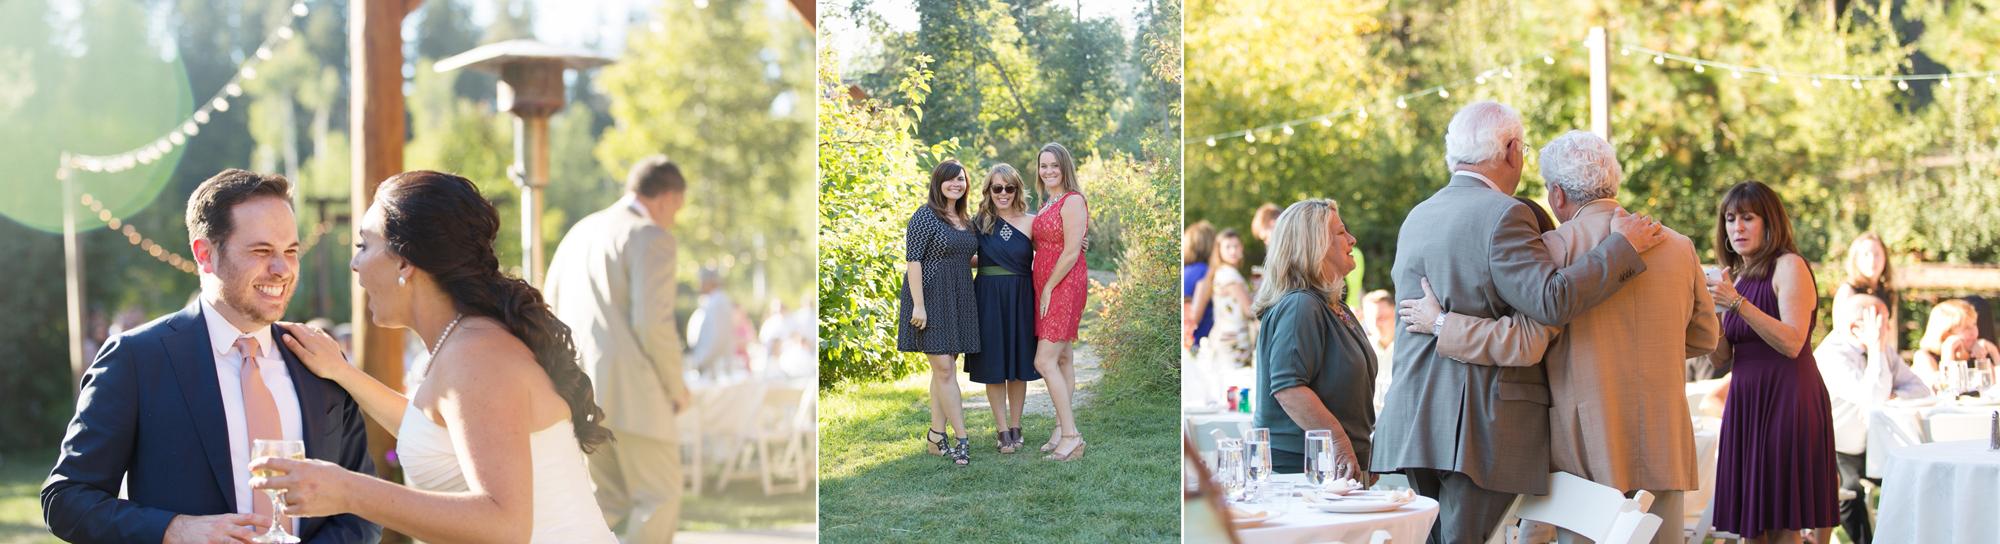 ashley vos photography seattle tacoma area wedding photographer_0829.jpg